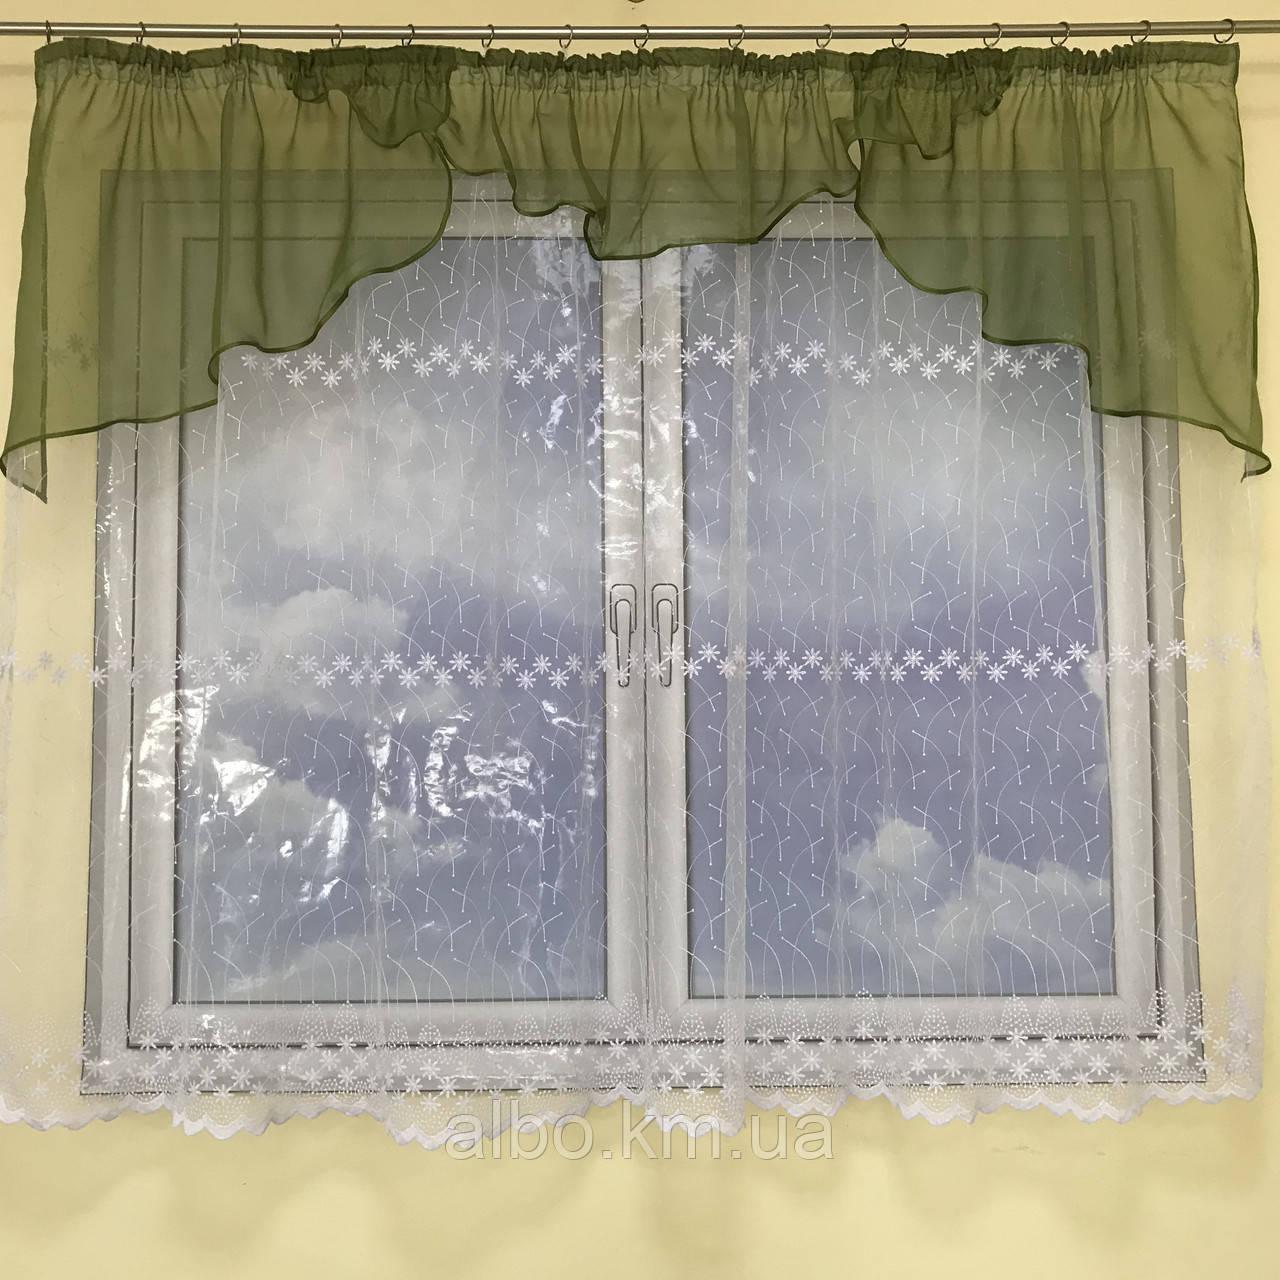 Короткая тюль для спальни из фатинаALBO 300x160 cm Бело-темно-зеленая (KU-125-0-9)